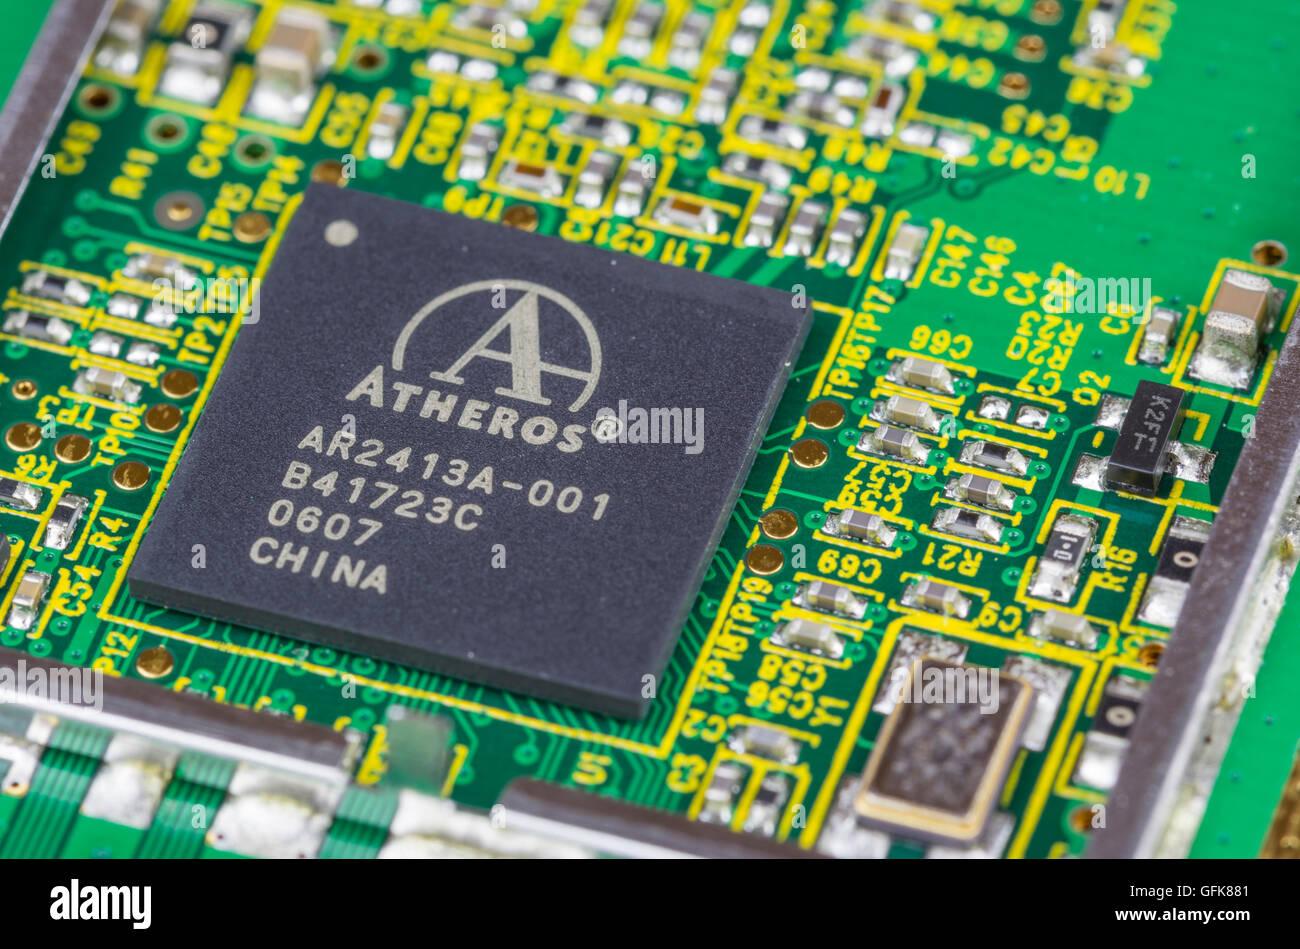 Atheros Mikrochip, der auf einer Leiterplatte. Stockbild